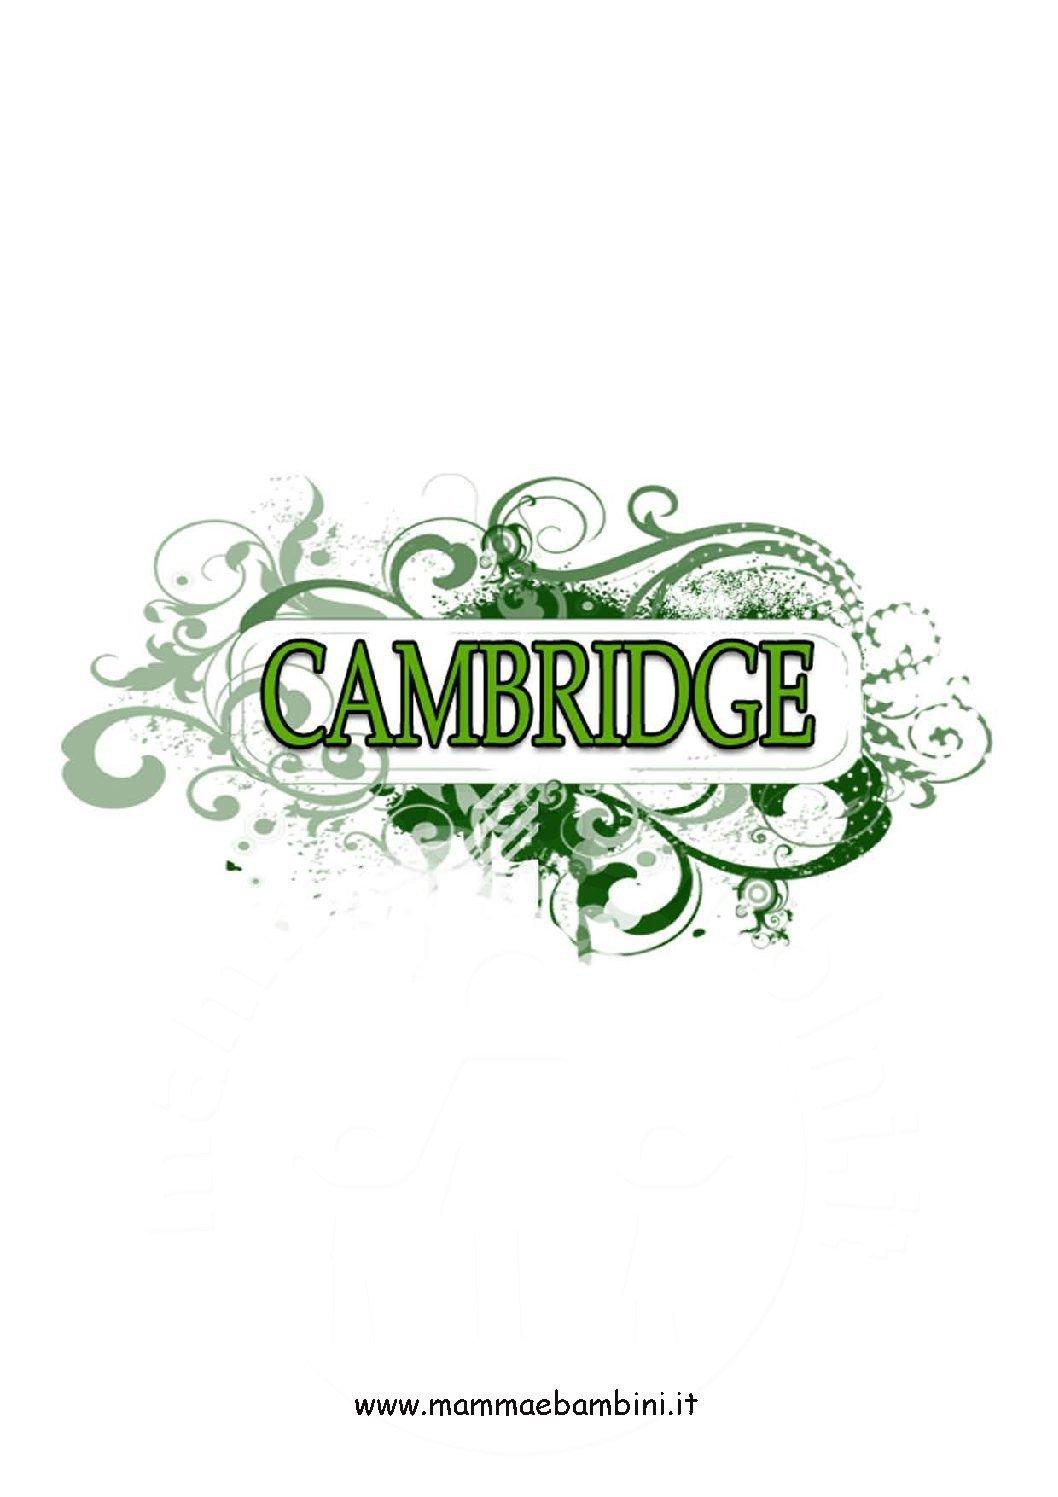 Copertina Cambridge colorata da stampare